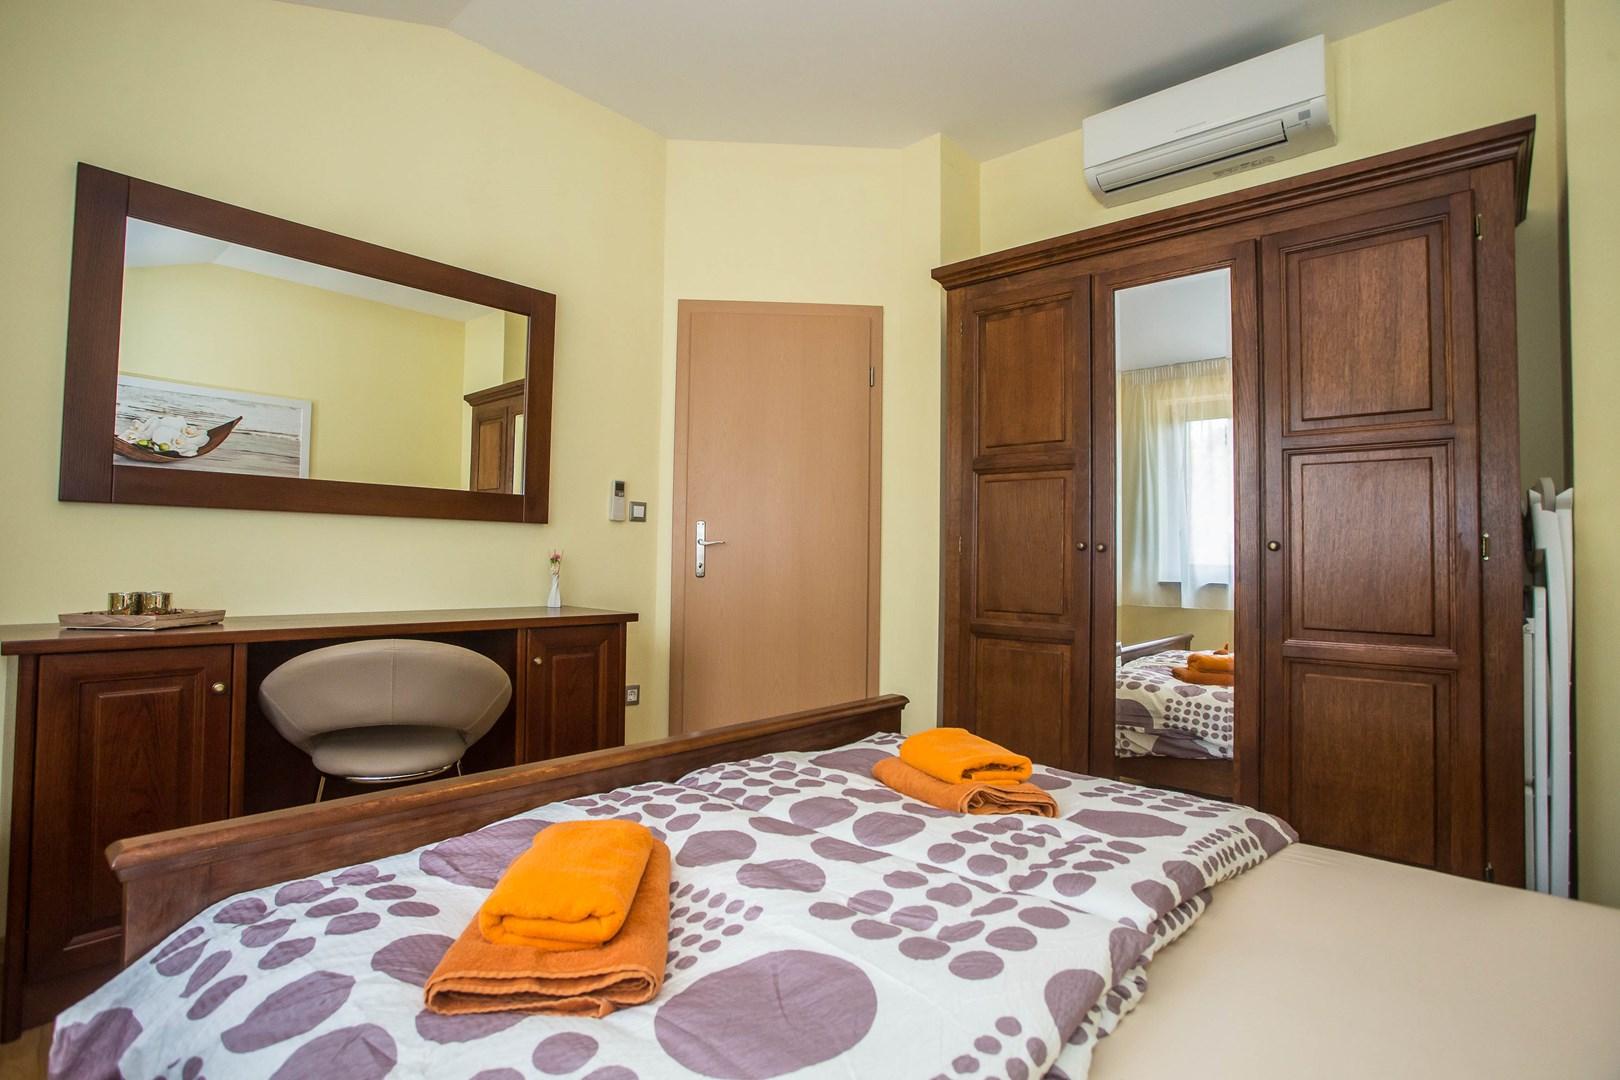 Ferienwohnung Apartment Stanko II mit 1 Schlafzimmer und Balkon (2281012), Vrvari, , Istrien, Kroatien, Bild 26